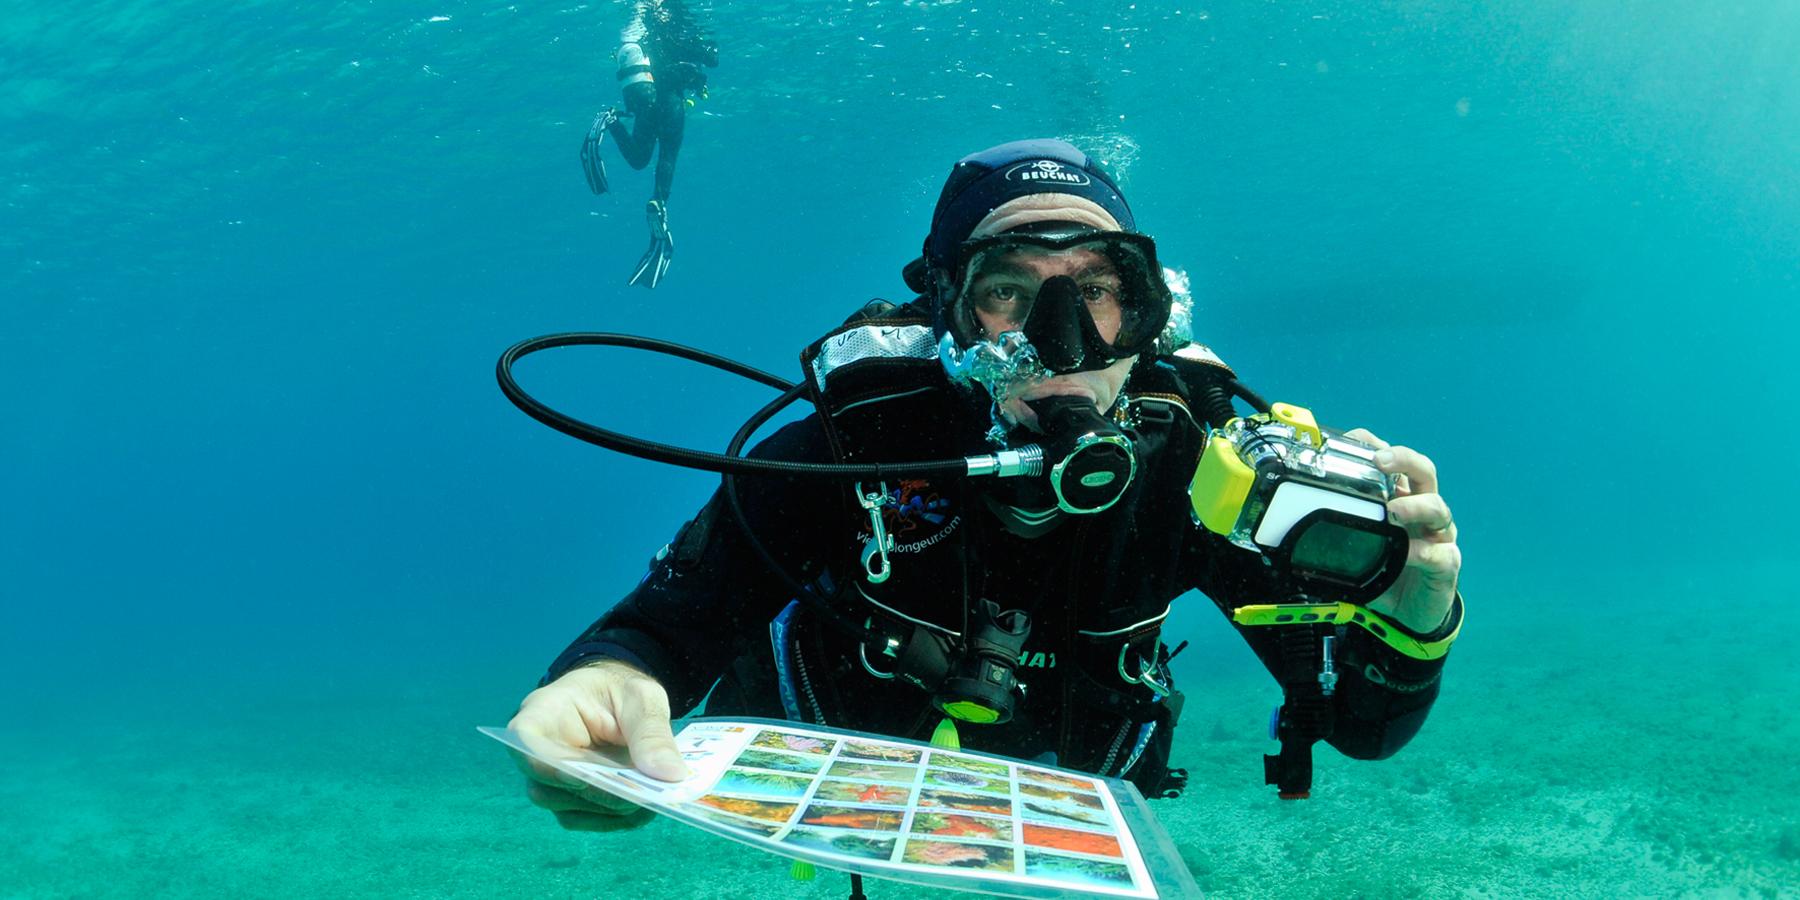 Challenge Fun Explorers ©Yvan Chocoloff  Objectif Atlantide1 - Objectif Atlantide : des chasses aux trésors en Méditerranée et ailleurs